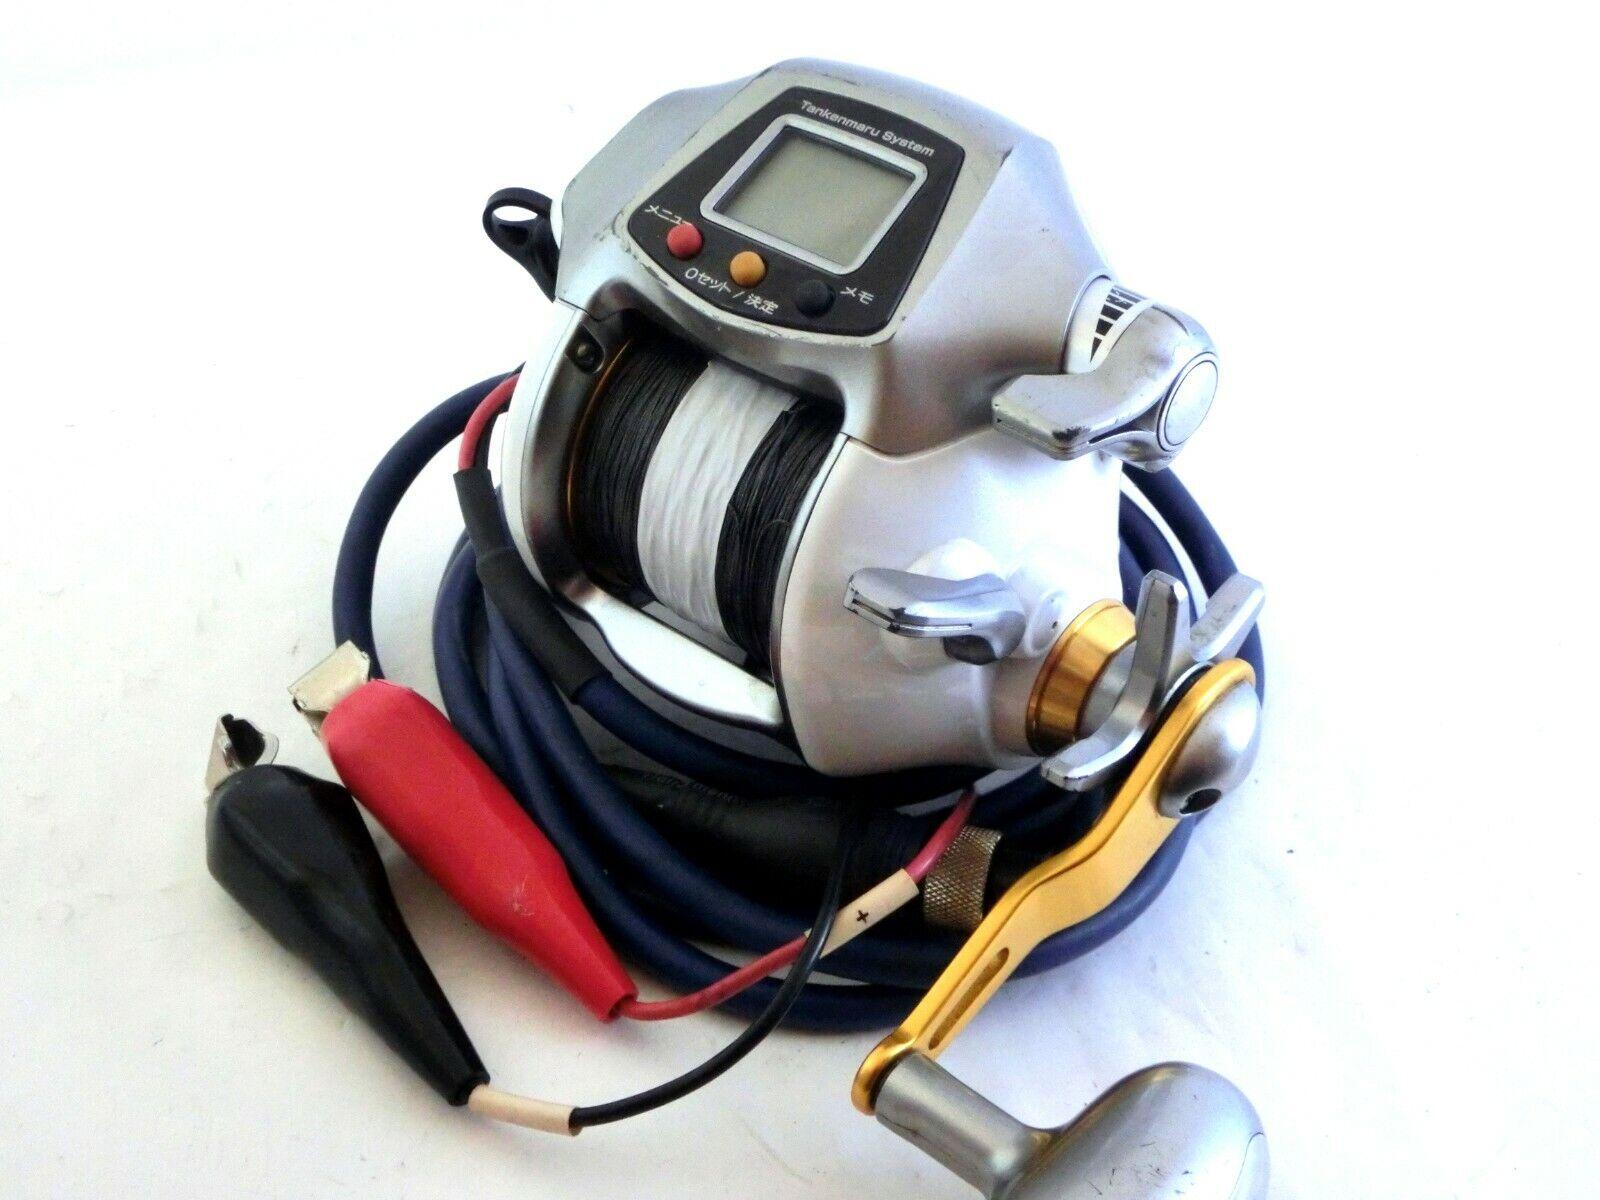 Shimano dendou-Maru 3000XH Hi-Power + Cocherete Electrico Usado PE línea Muy Buena